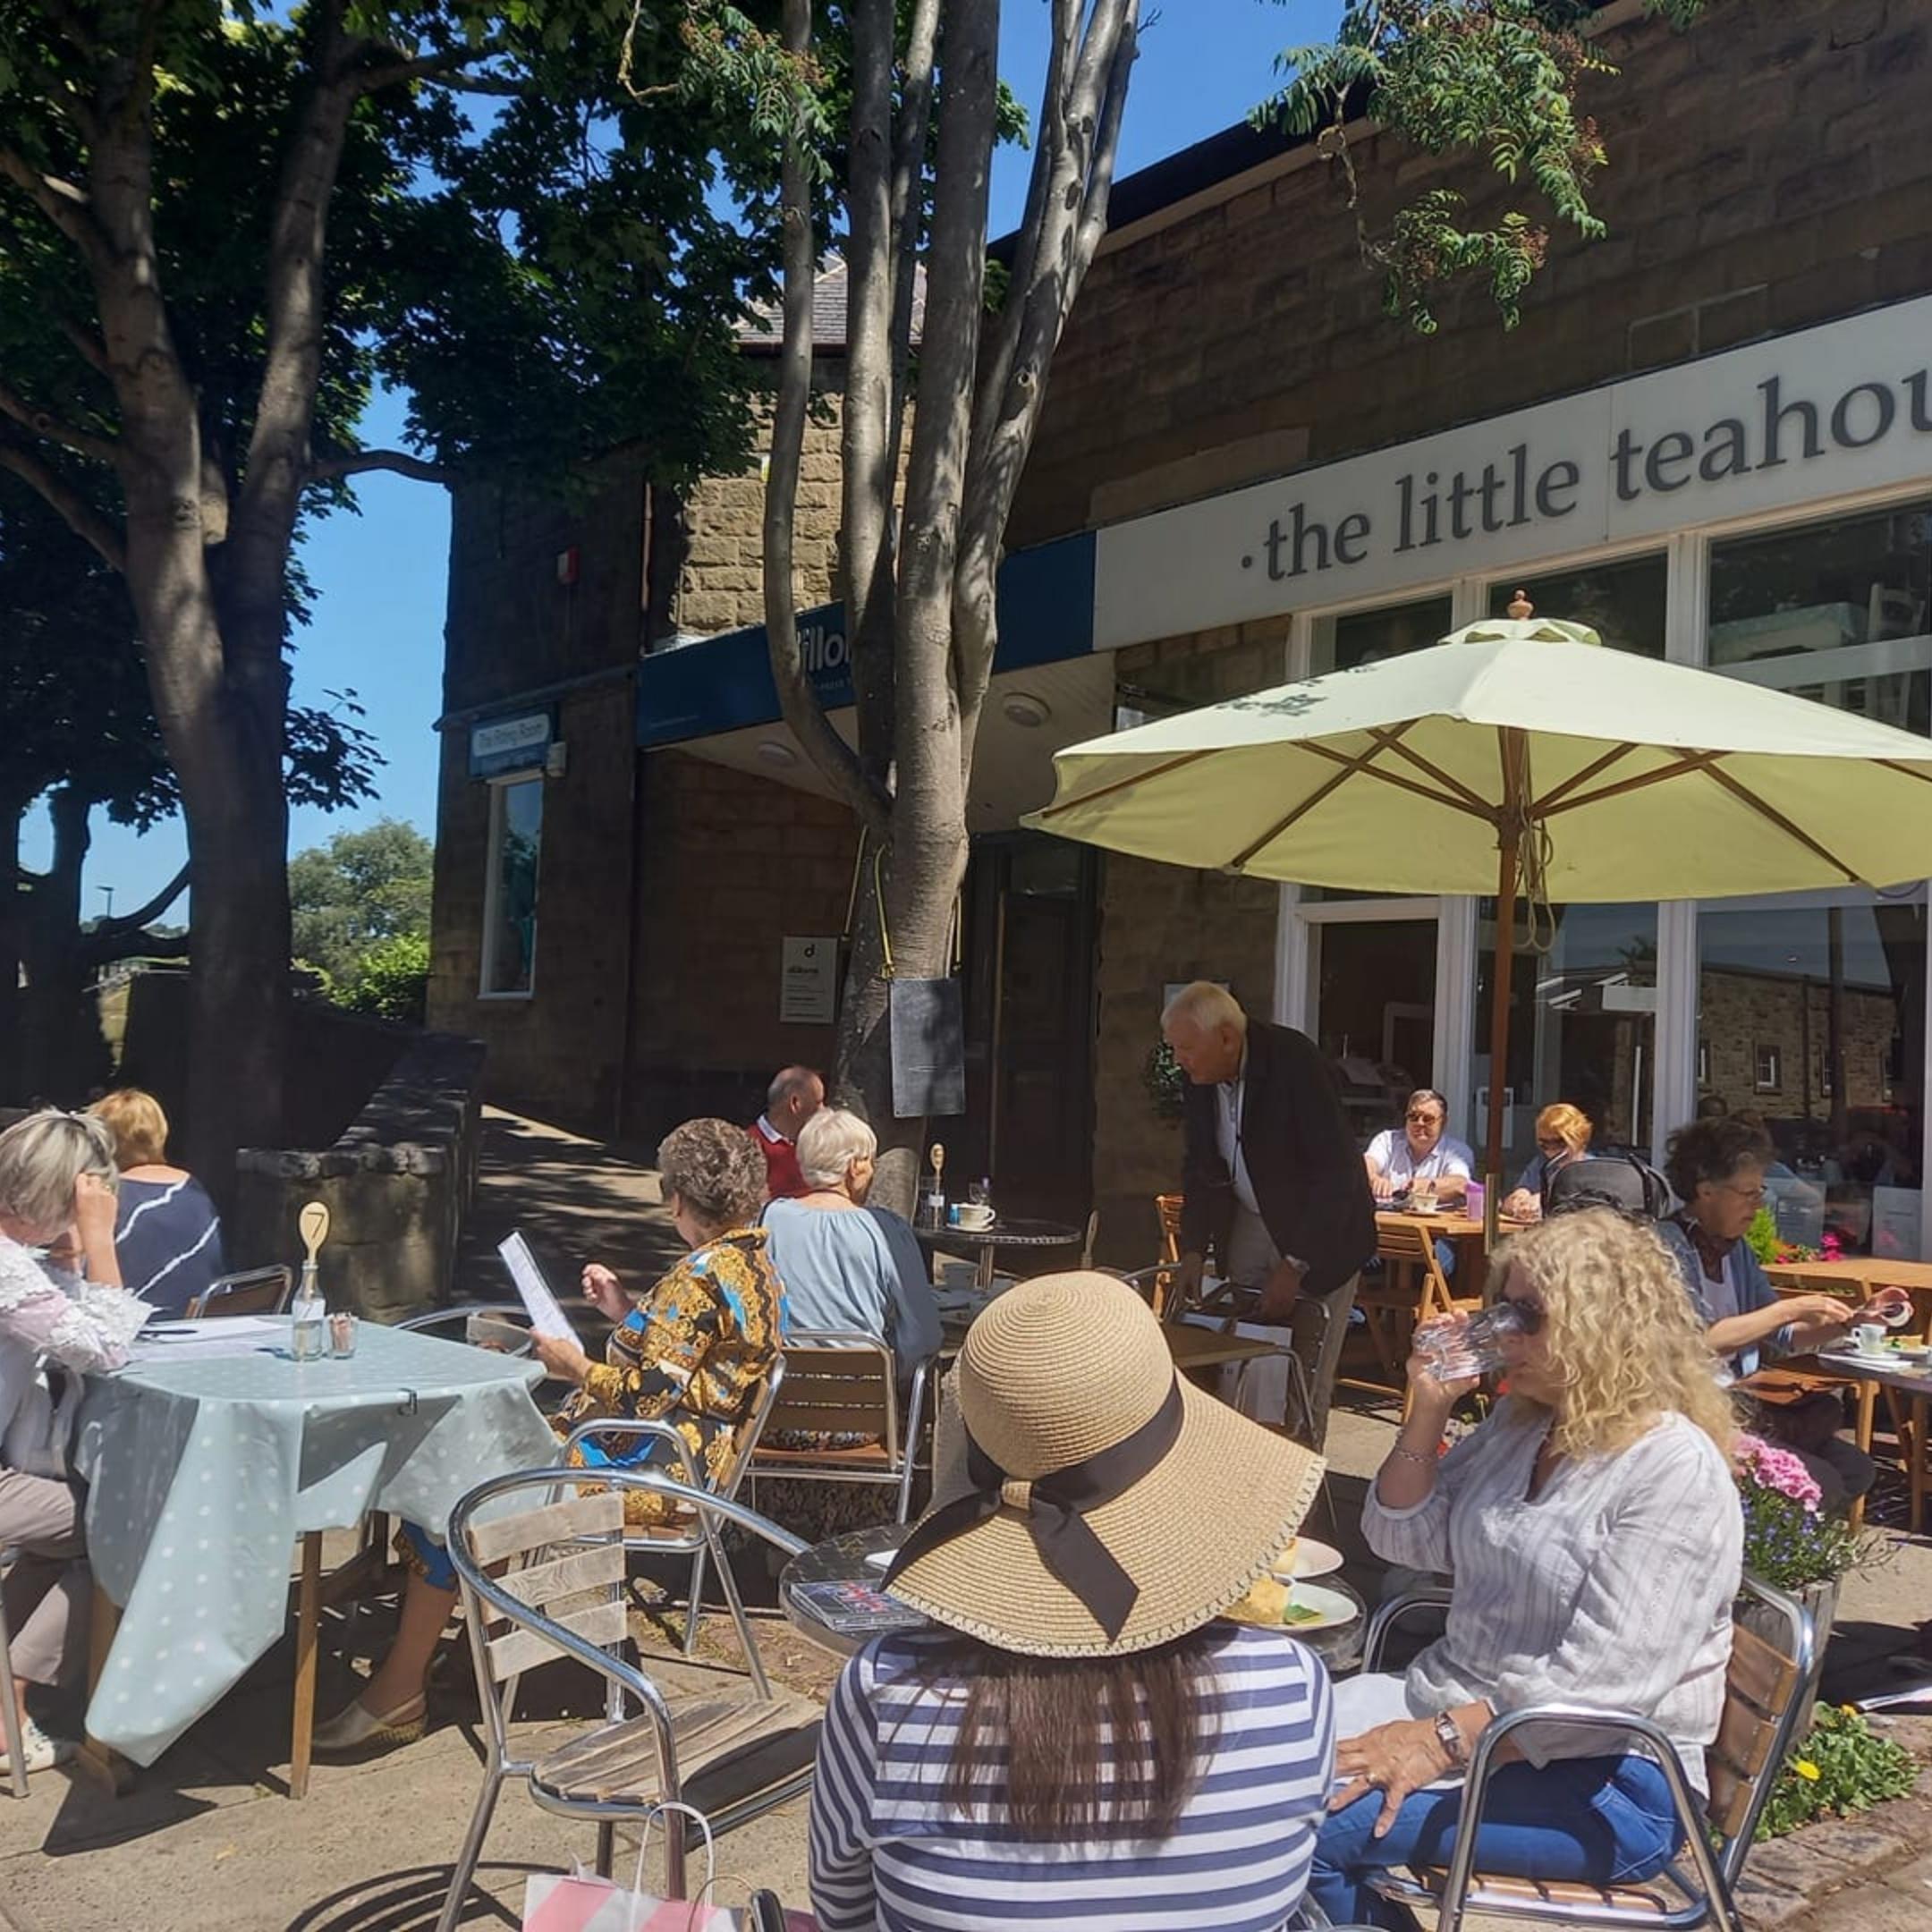 The Little Teahouse